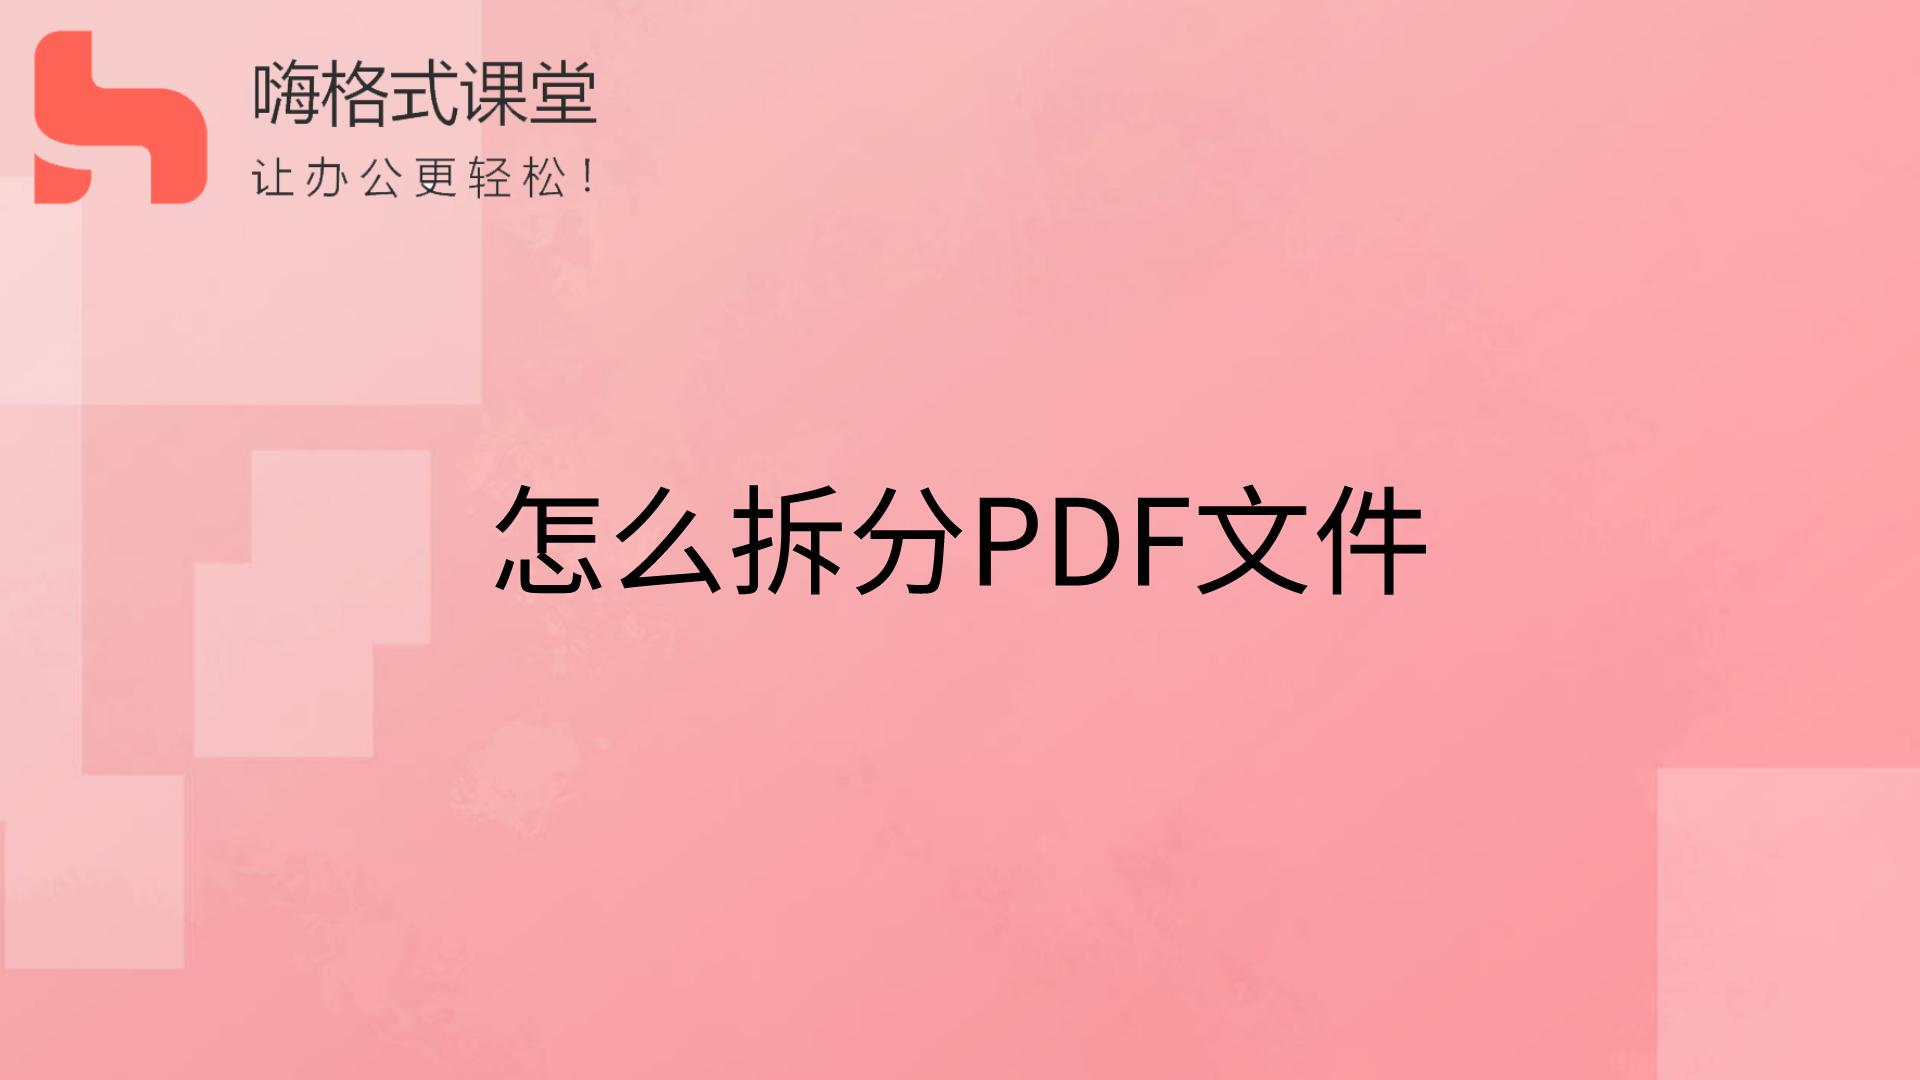 怎么拆分PDF文件s